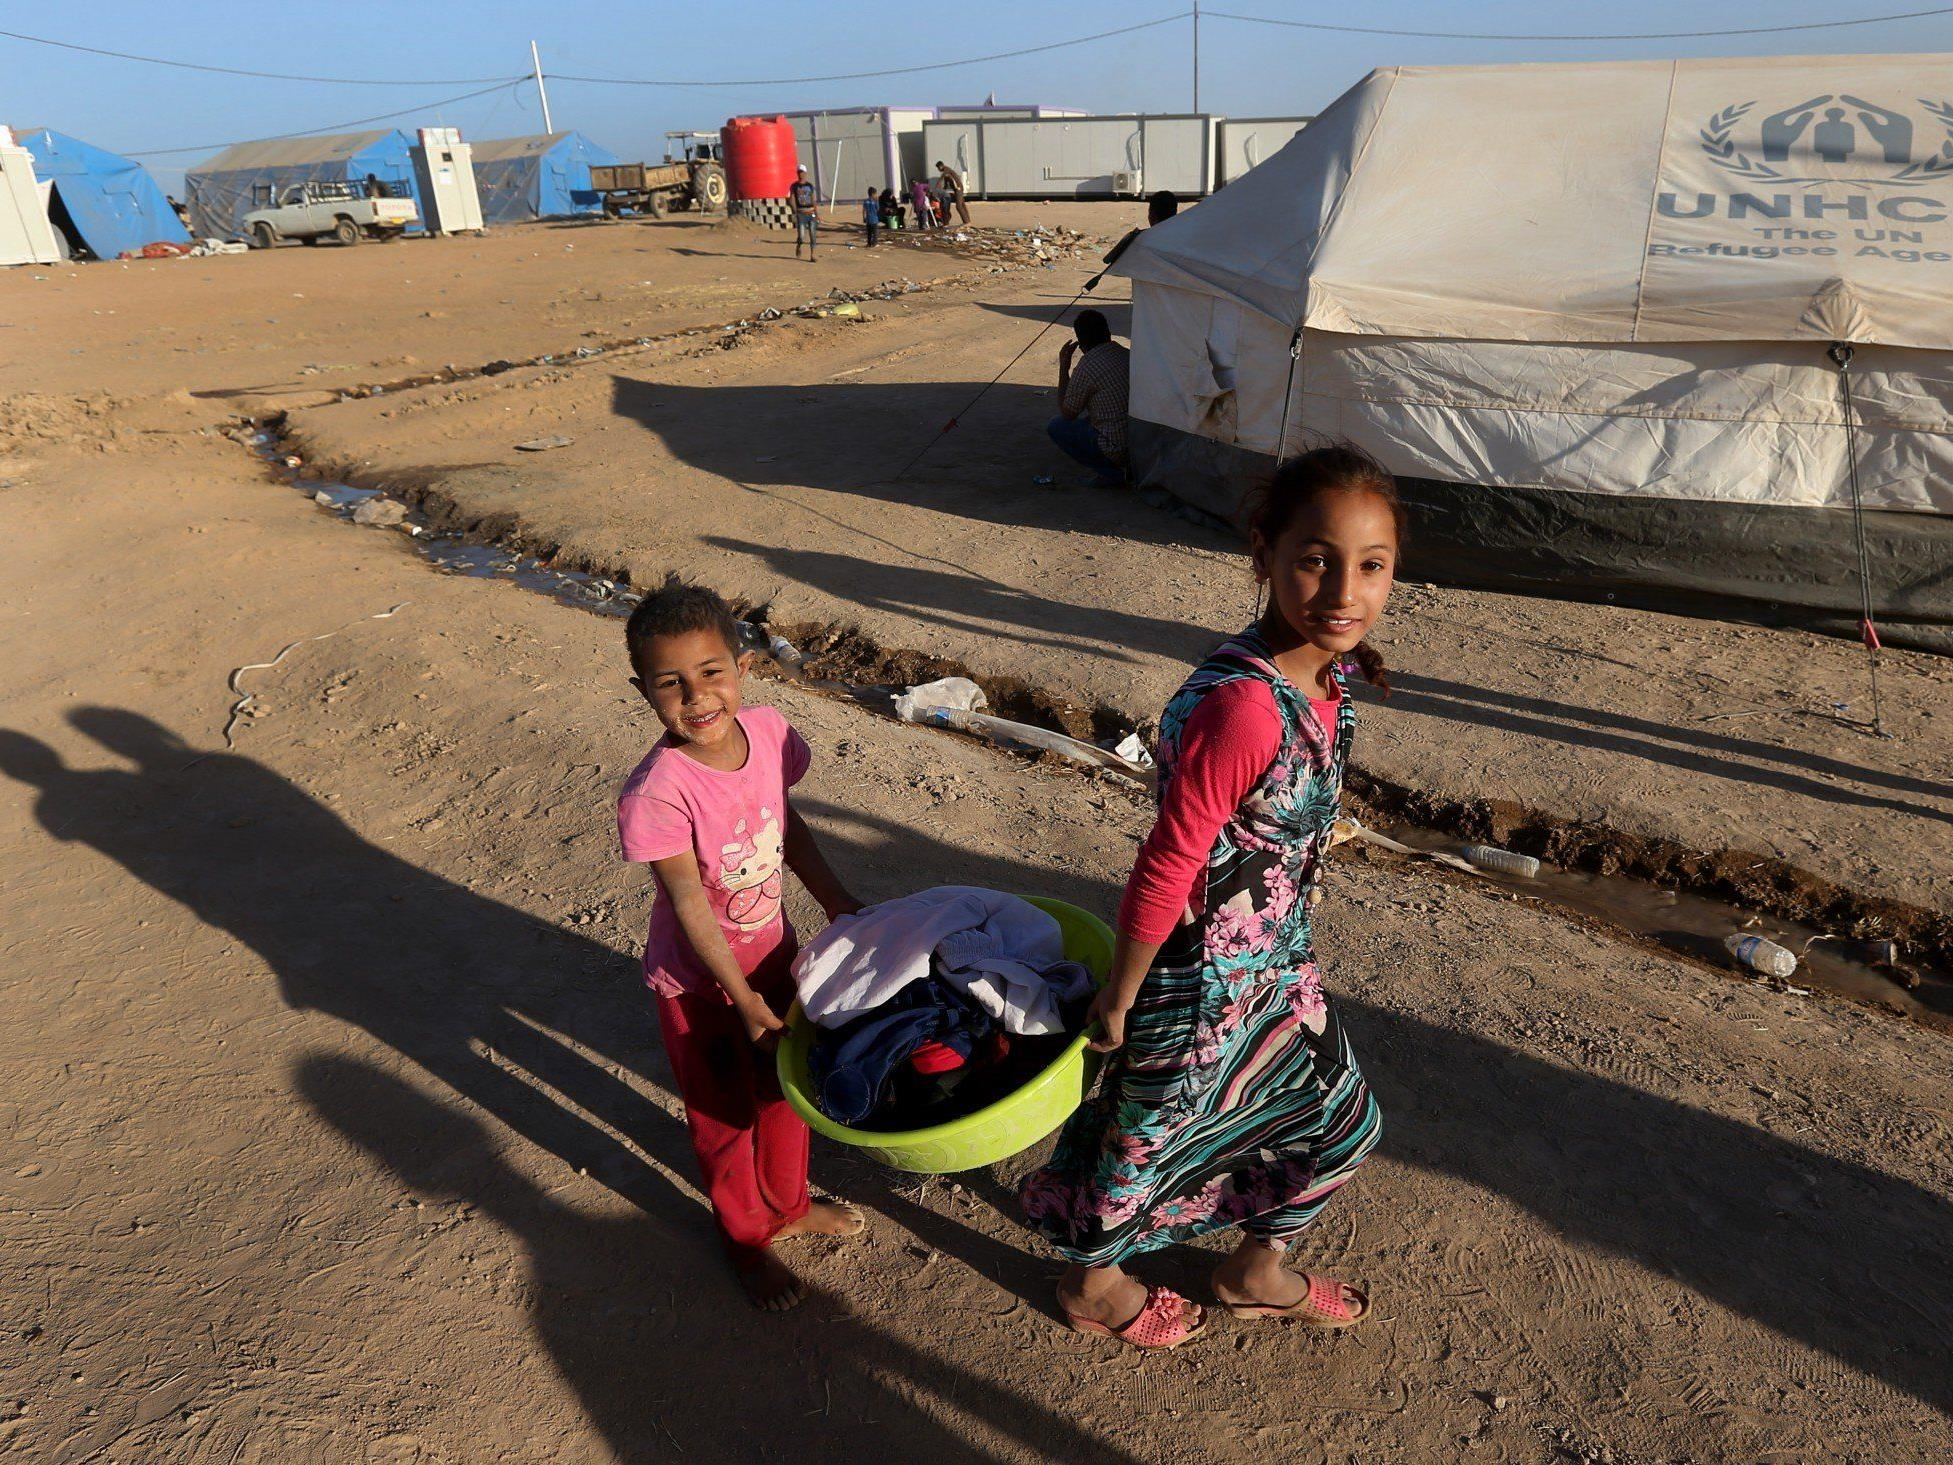 Deutschland bittet die EU mehr syrische Flüchtlinge aufzunehmen.